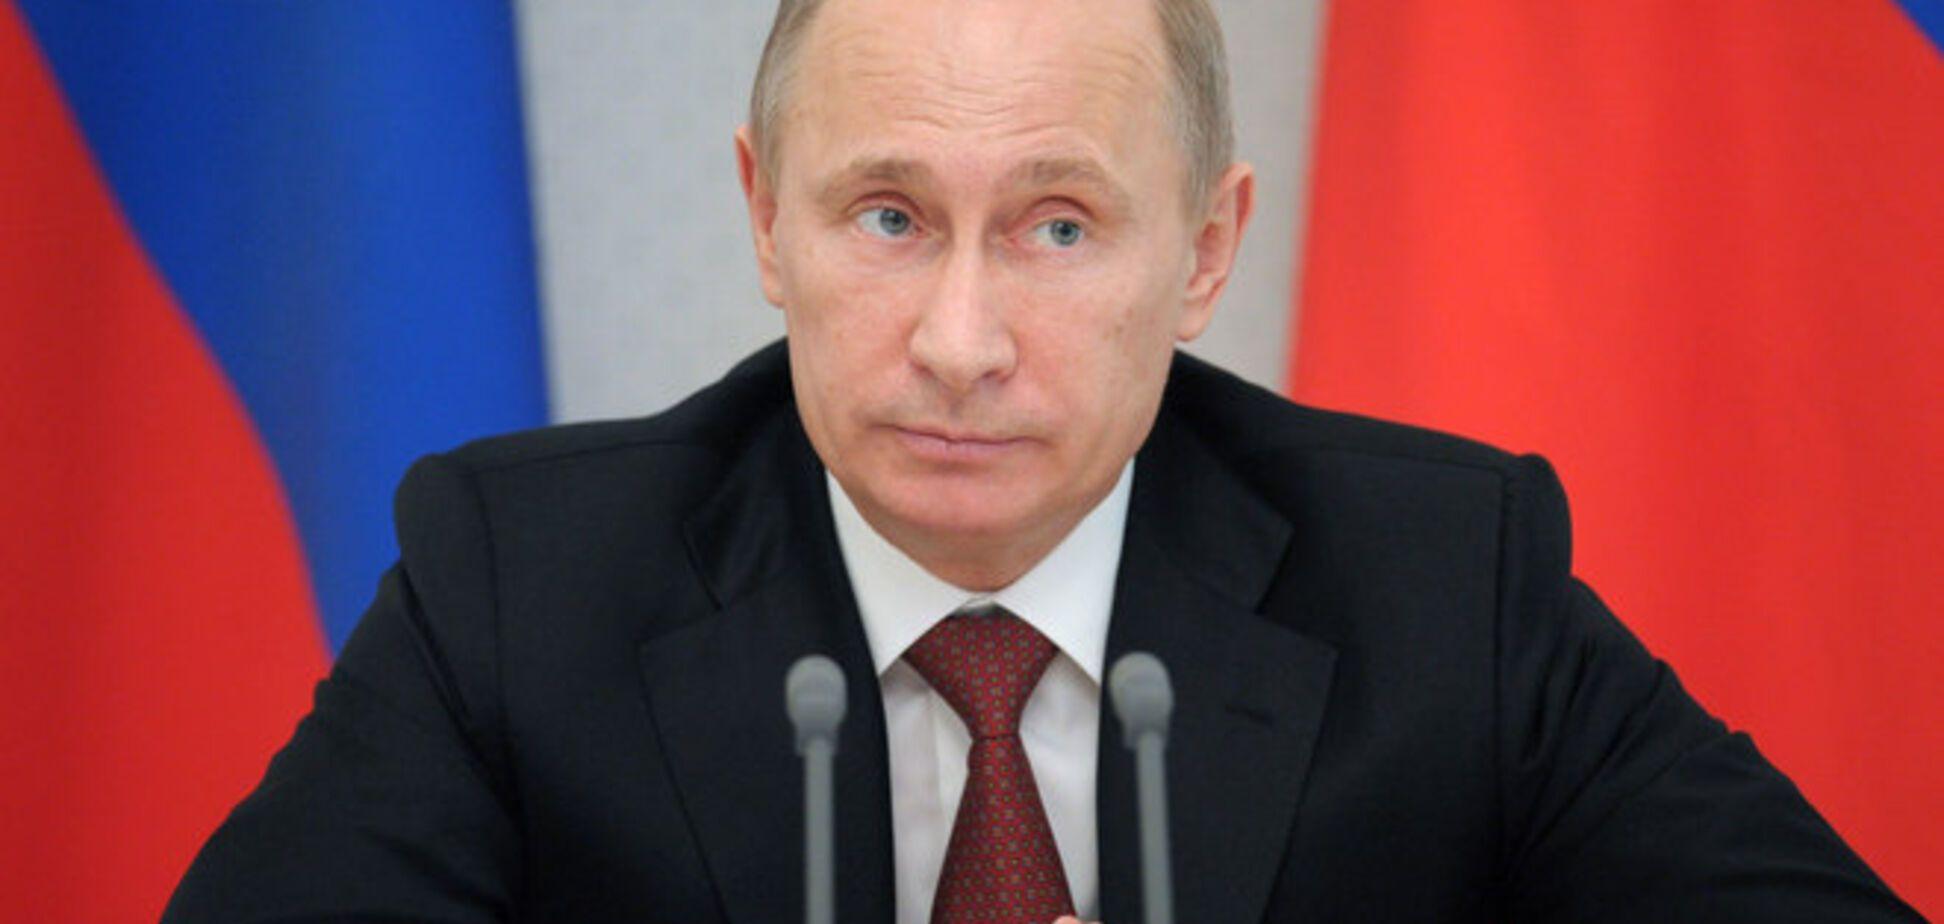 Путин переложил свою вину за убийства мирных украинцев на украинскую власть